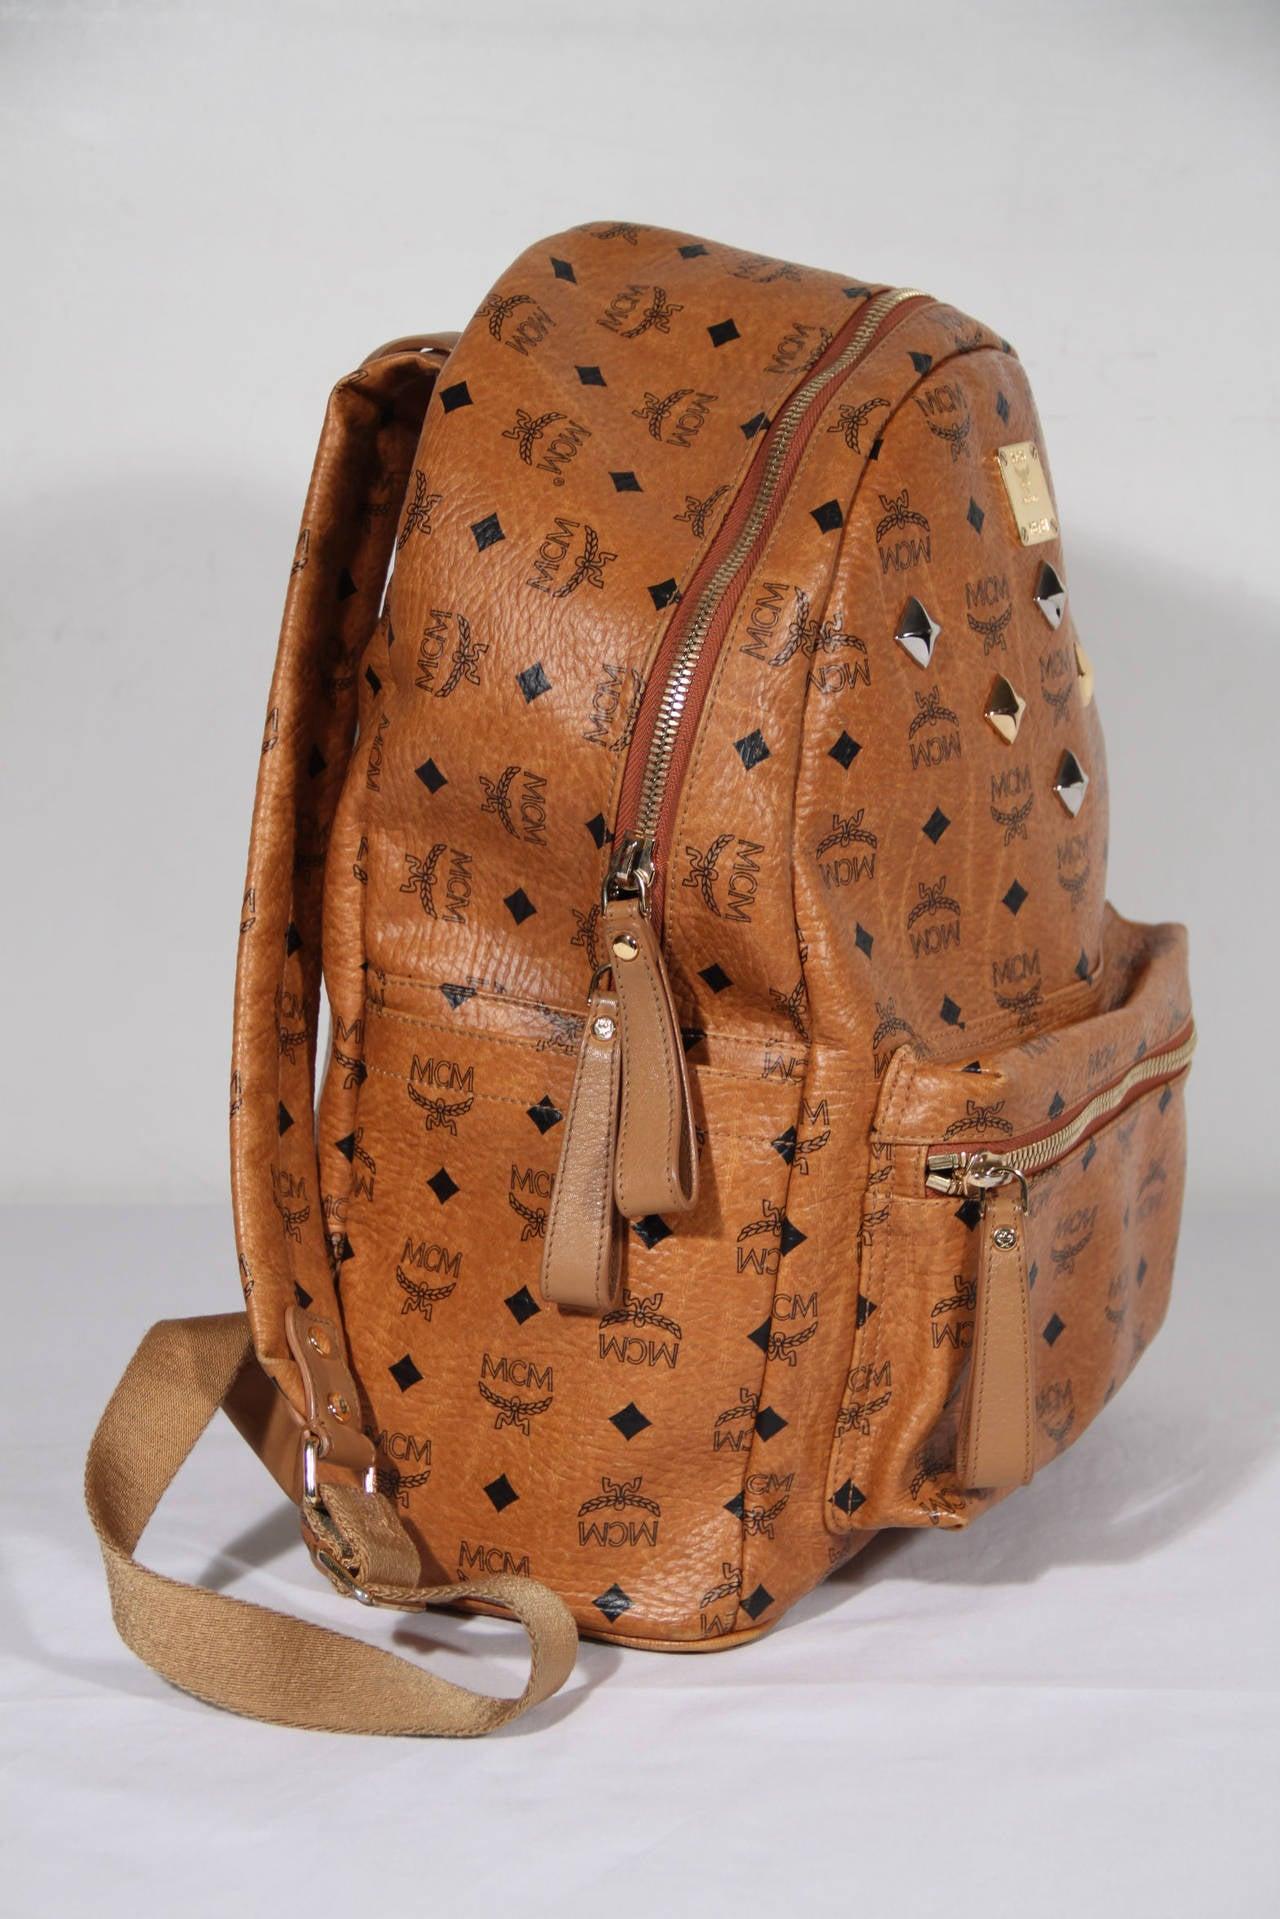 mcm munchen tan cognac visetos canvas stark backpack shoulder bag for sale at 1stdibs. Black Bedroom Furniture Sets. Home Design Ideas